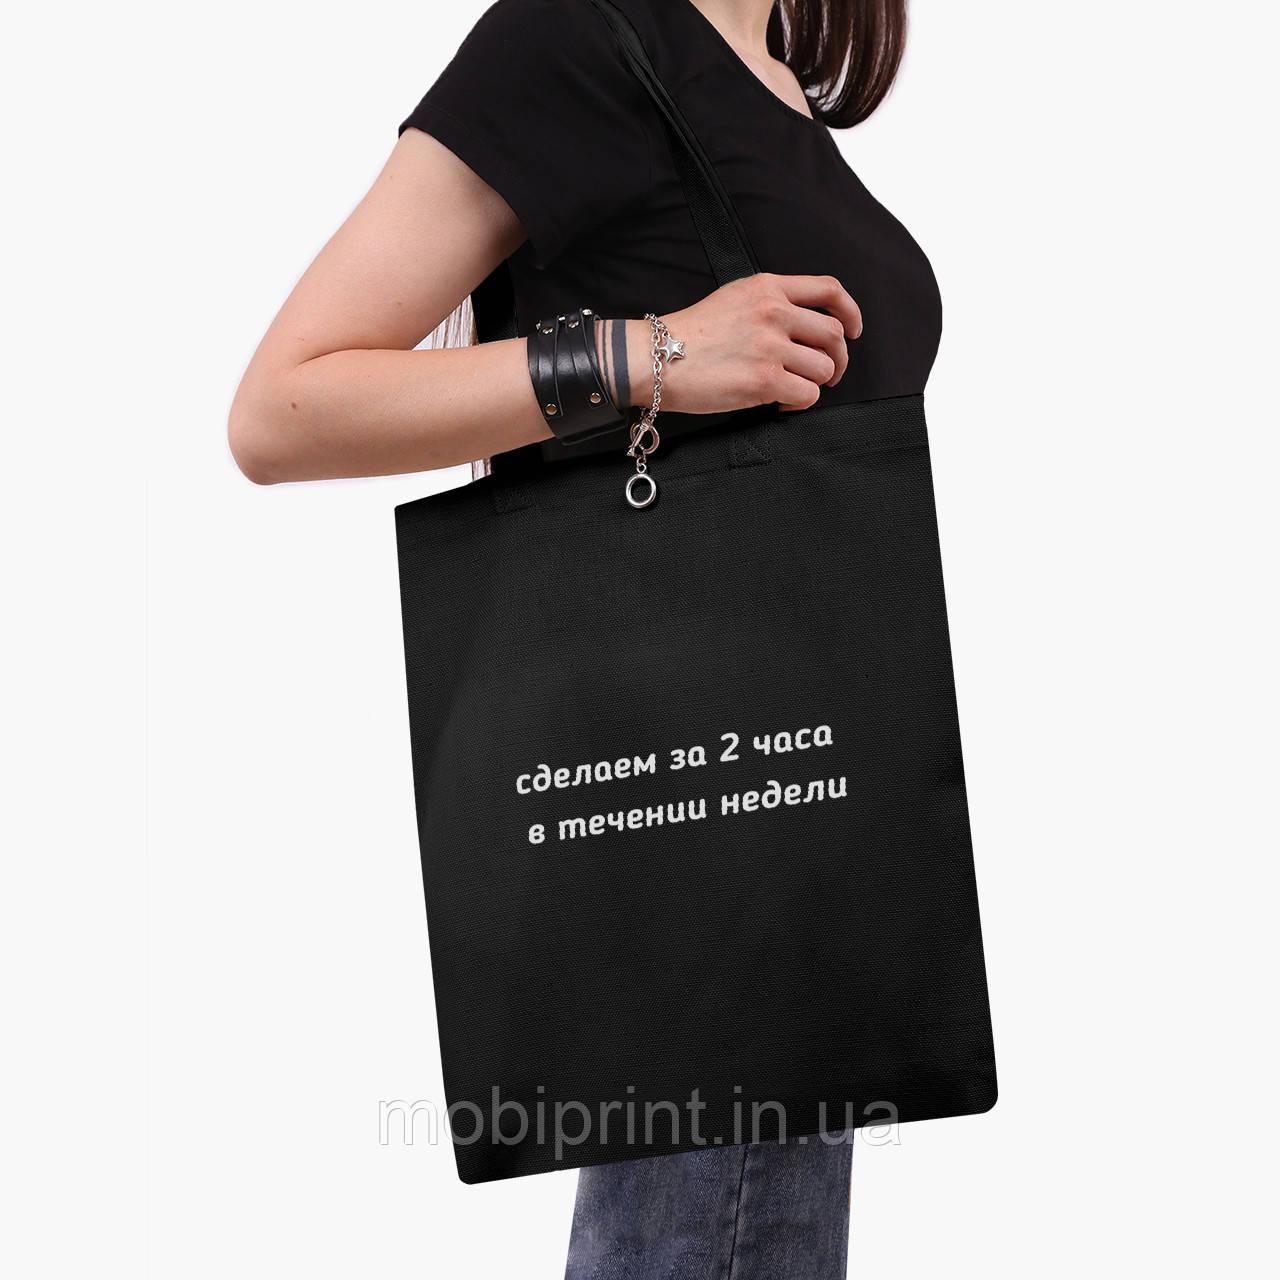 Еко сумка шоппер чорна Зробимо за дві години, протягом тижня (9227-1285-2) 41*35 см